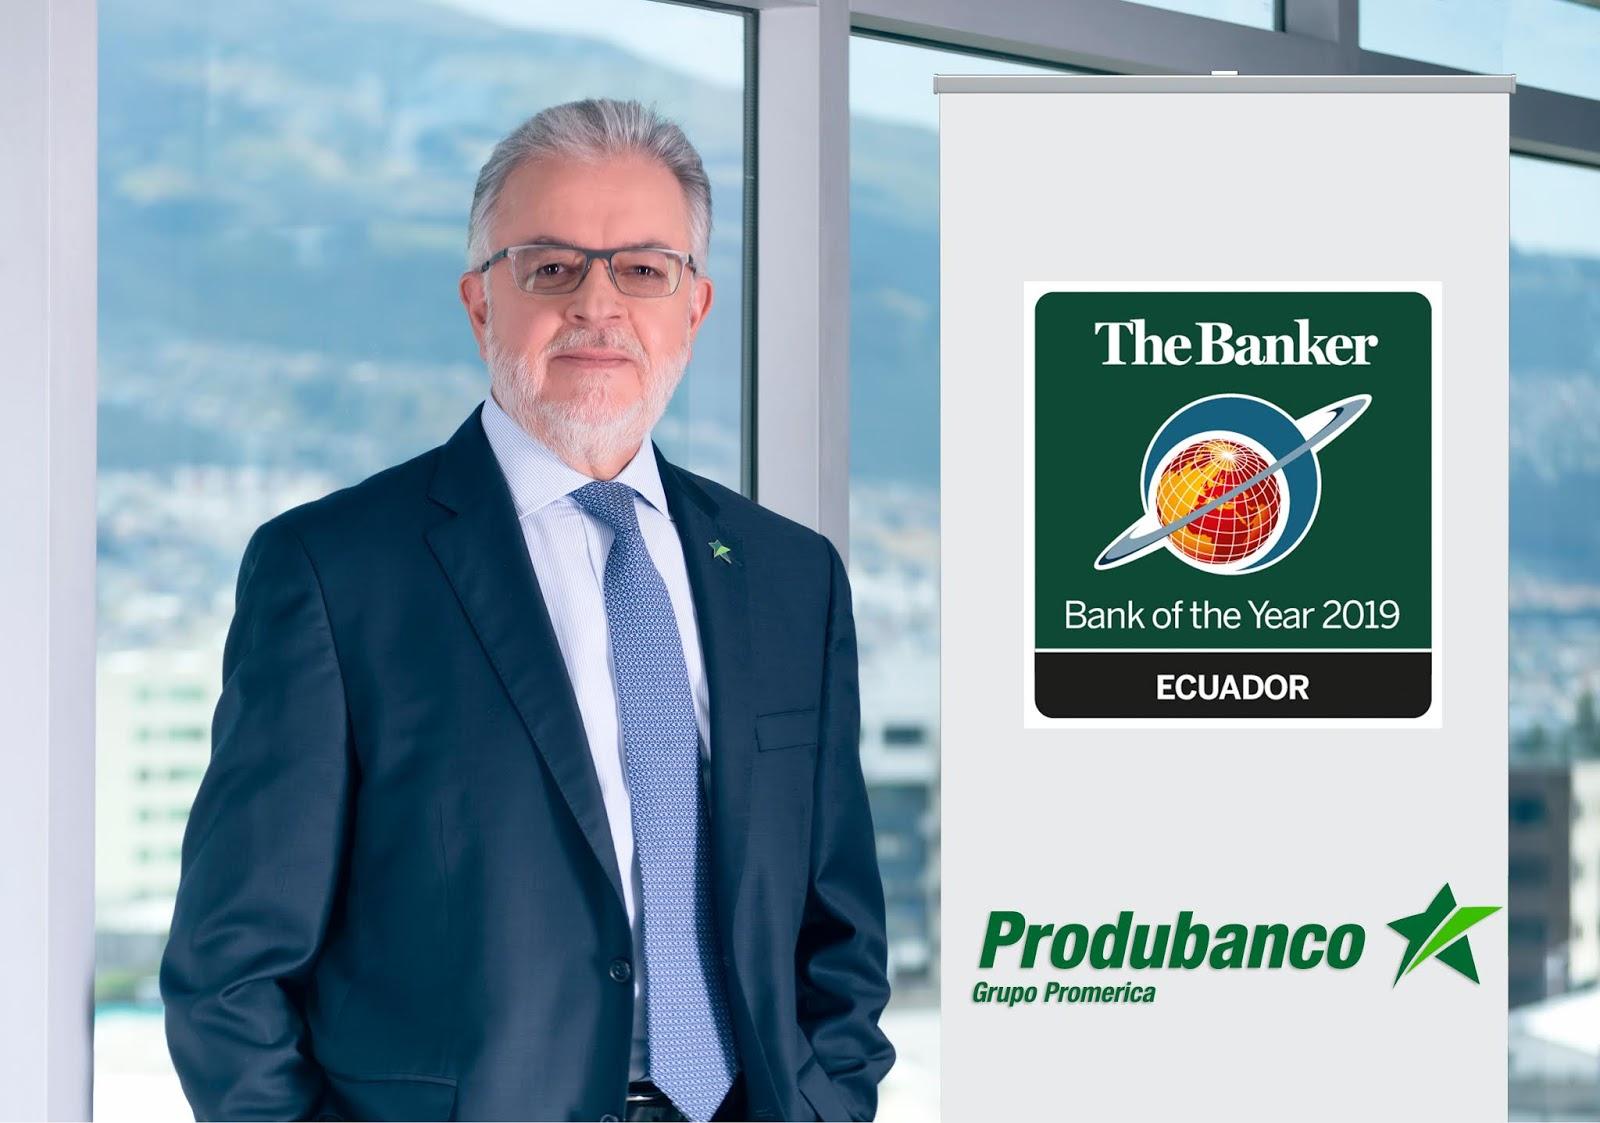 """Produbanco fue reconocido como """"Bank of the Year 2019 Ecuador"""" por la revista """"The Banker"""""""